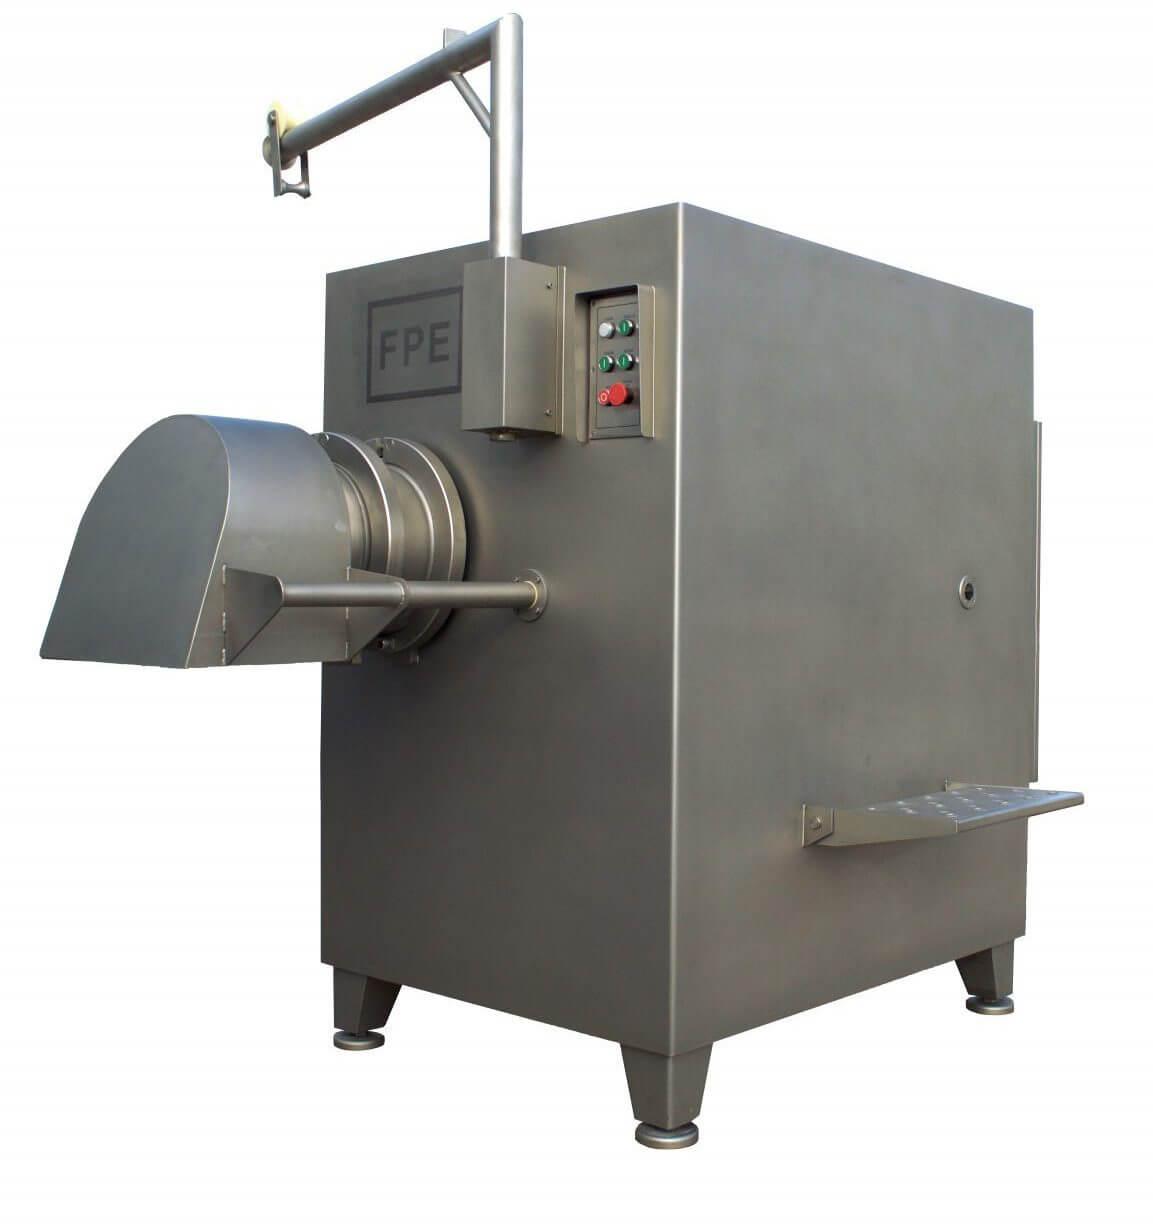 FG 250 Commercial Meat Grinder